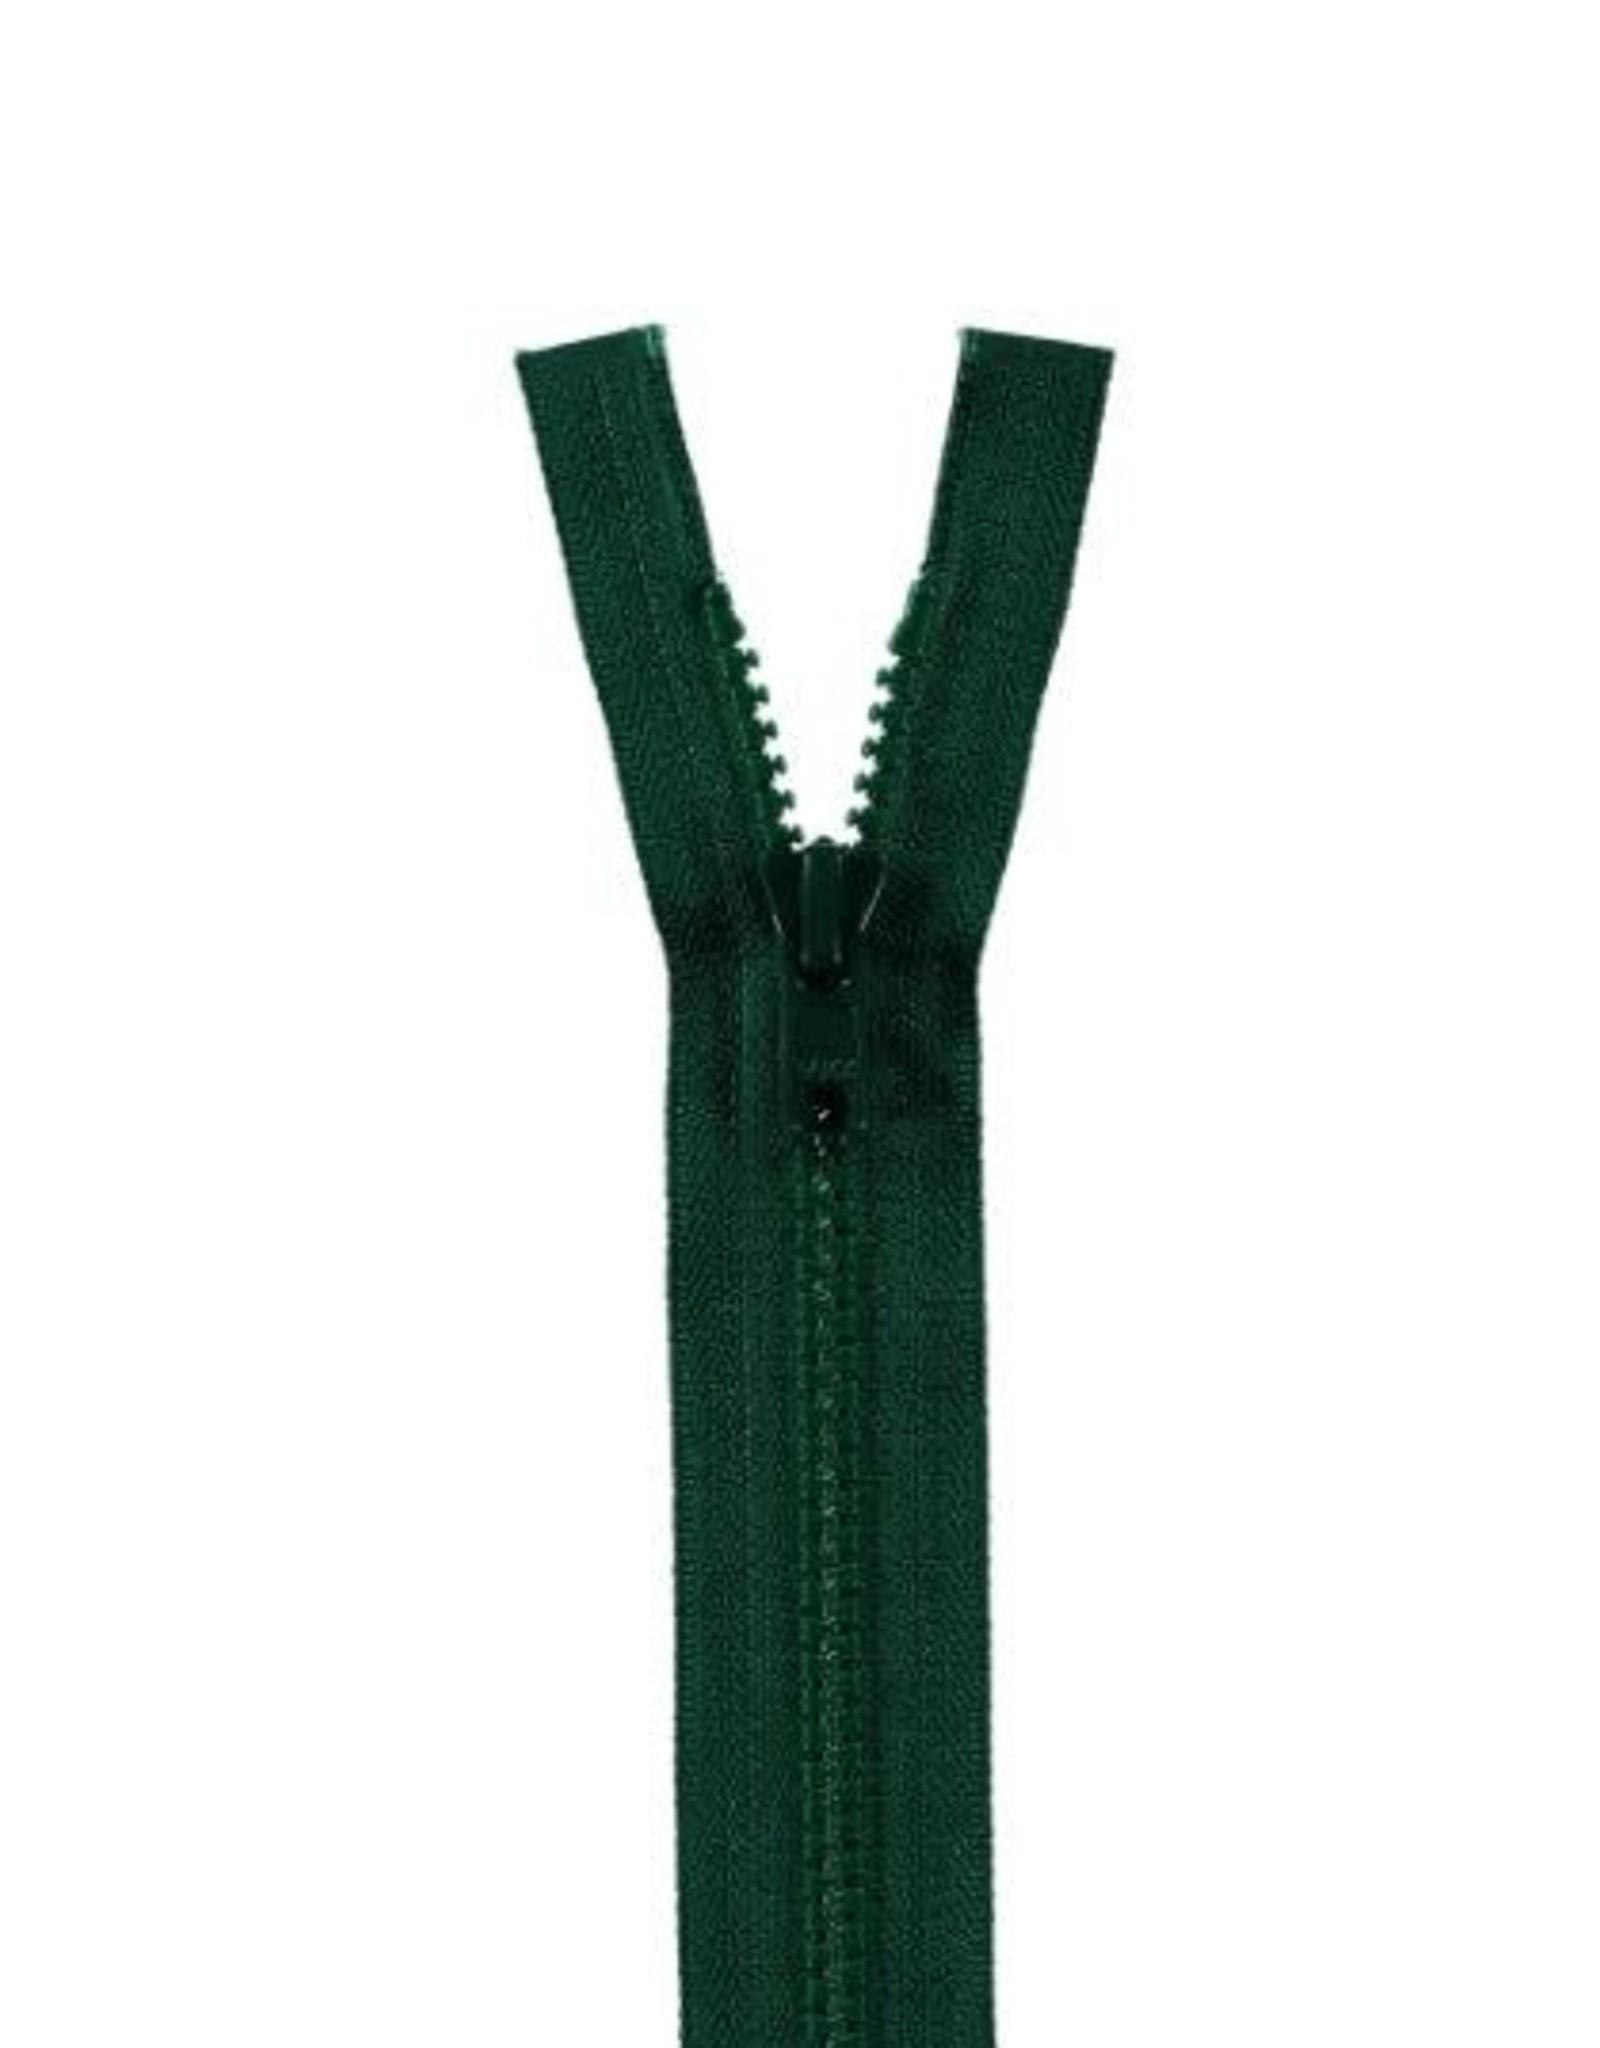 YKK BLOKRITS 5 DEELBAAR d. groen 890-35cm